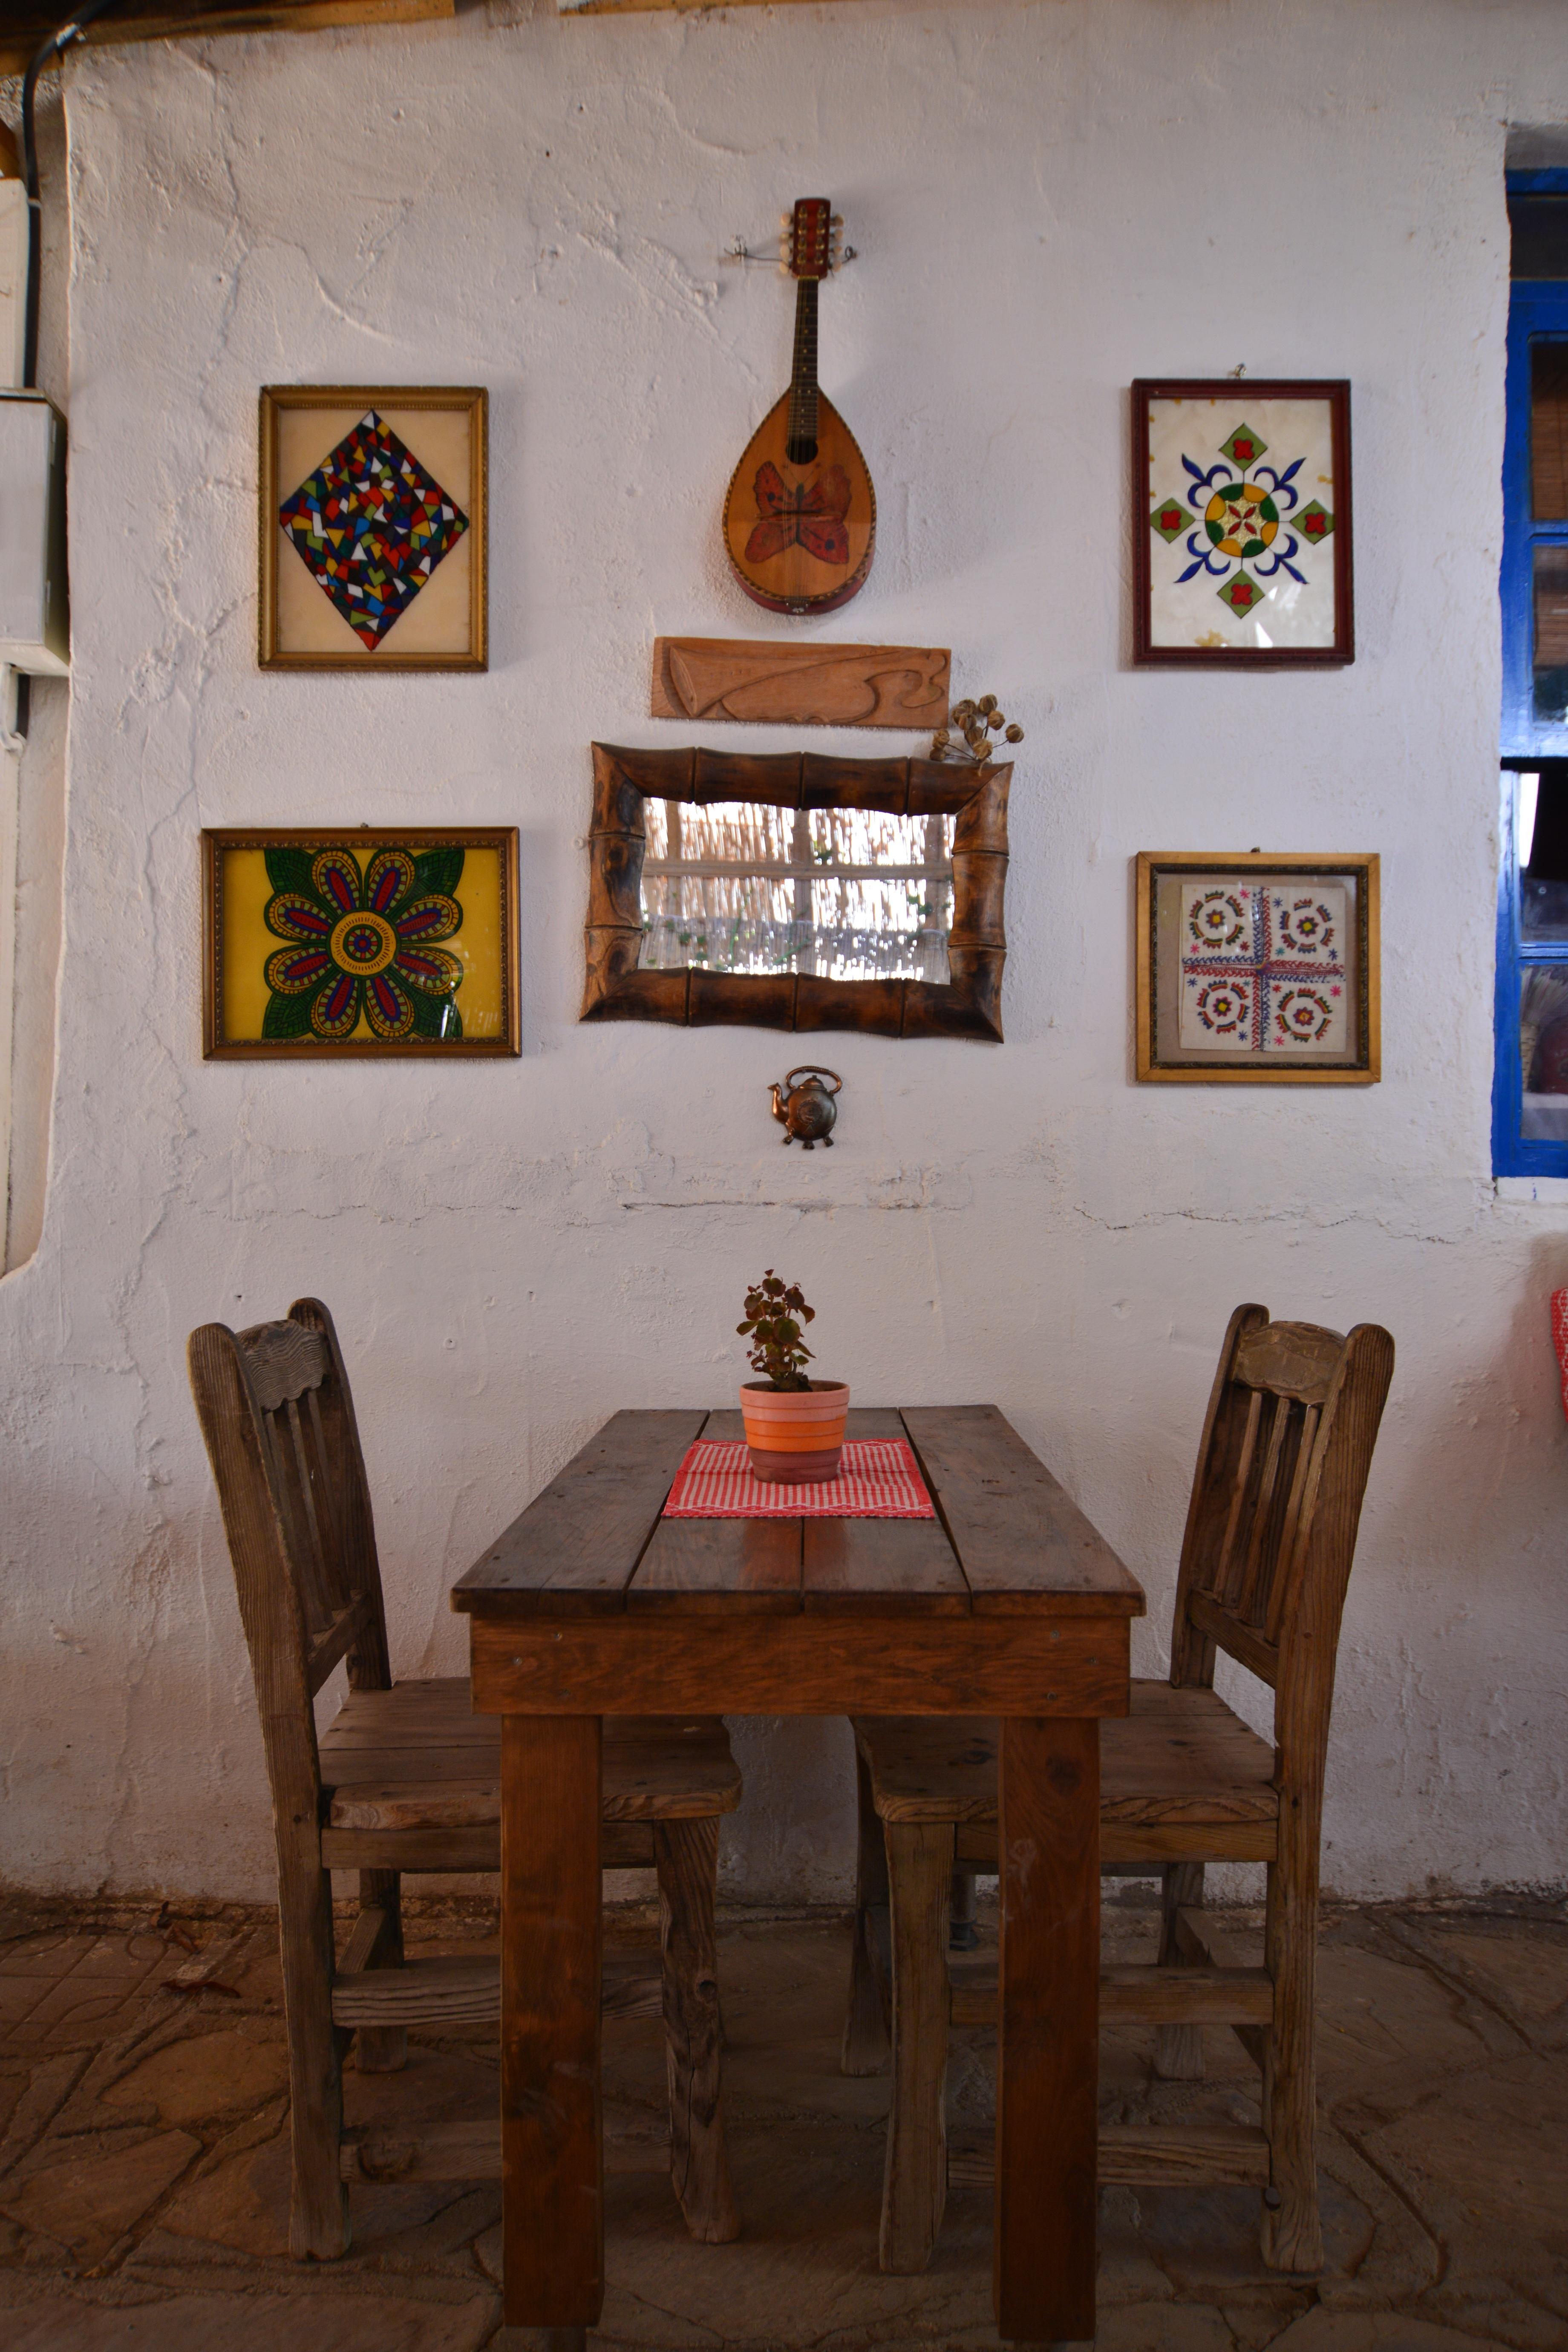 Ingyenes képek : asztal, faipari, antik, ház, szék, ablak, étterem ...